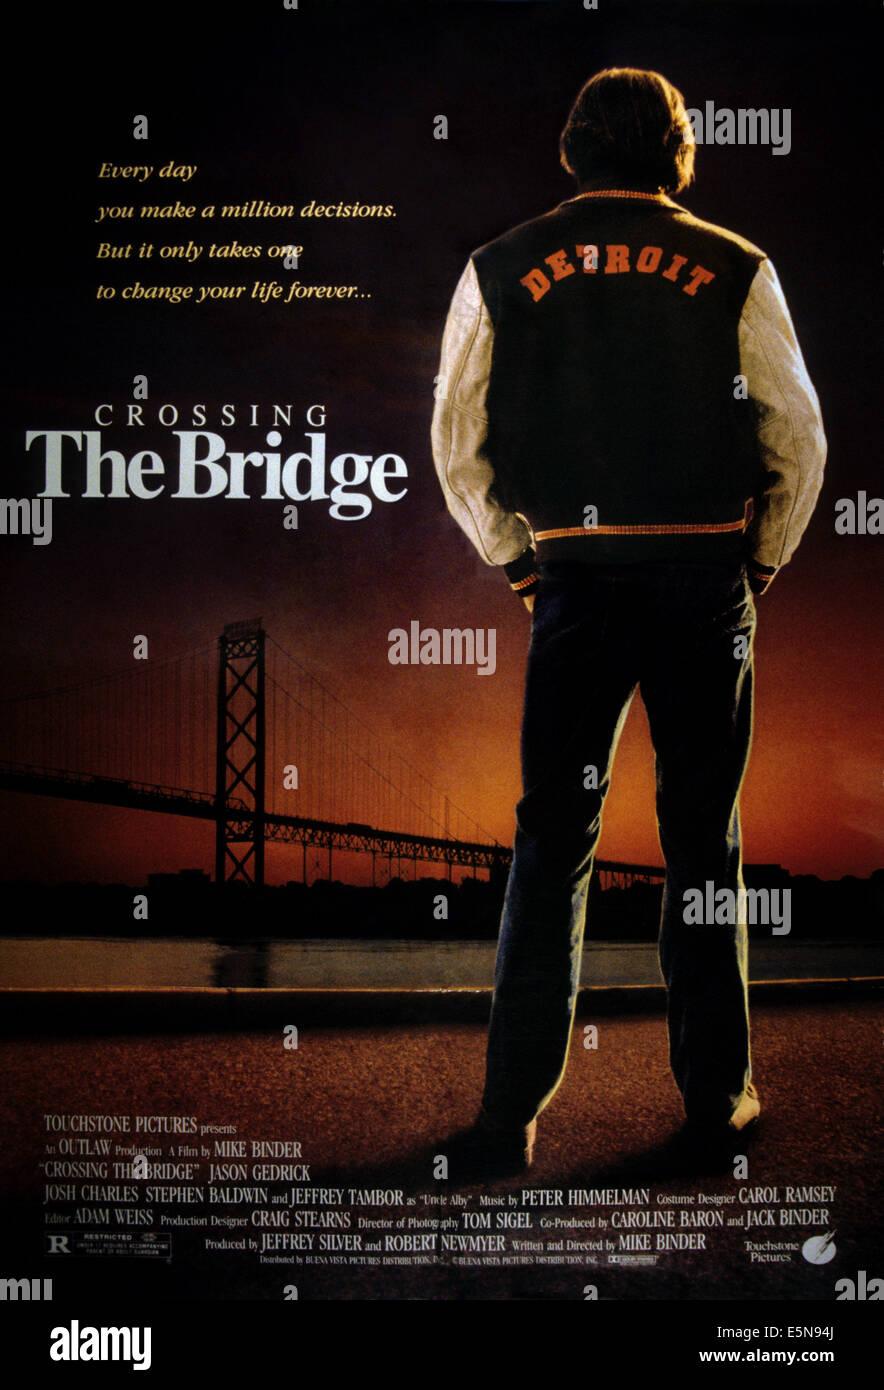 CROSSING THE BRIDGE, 1992 - Stock Image